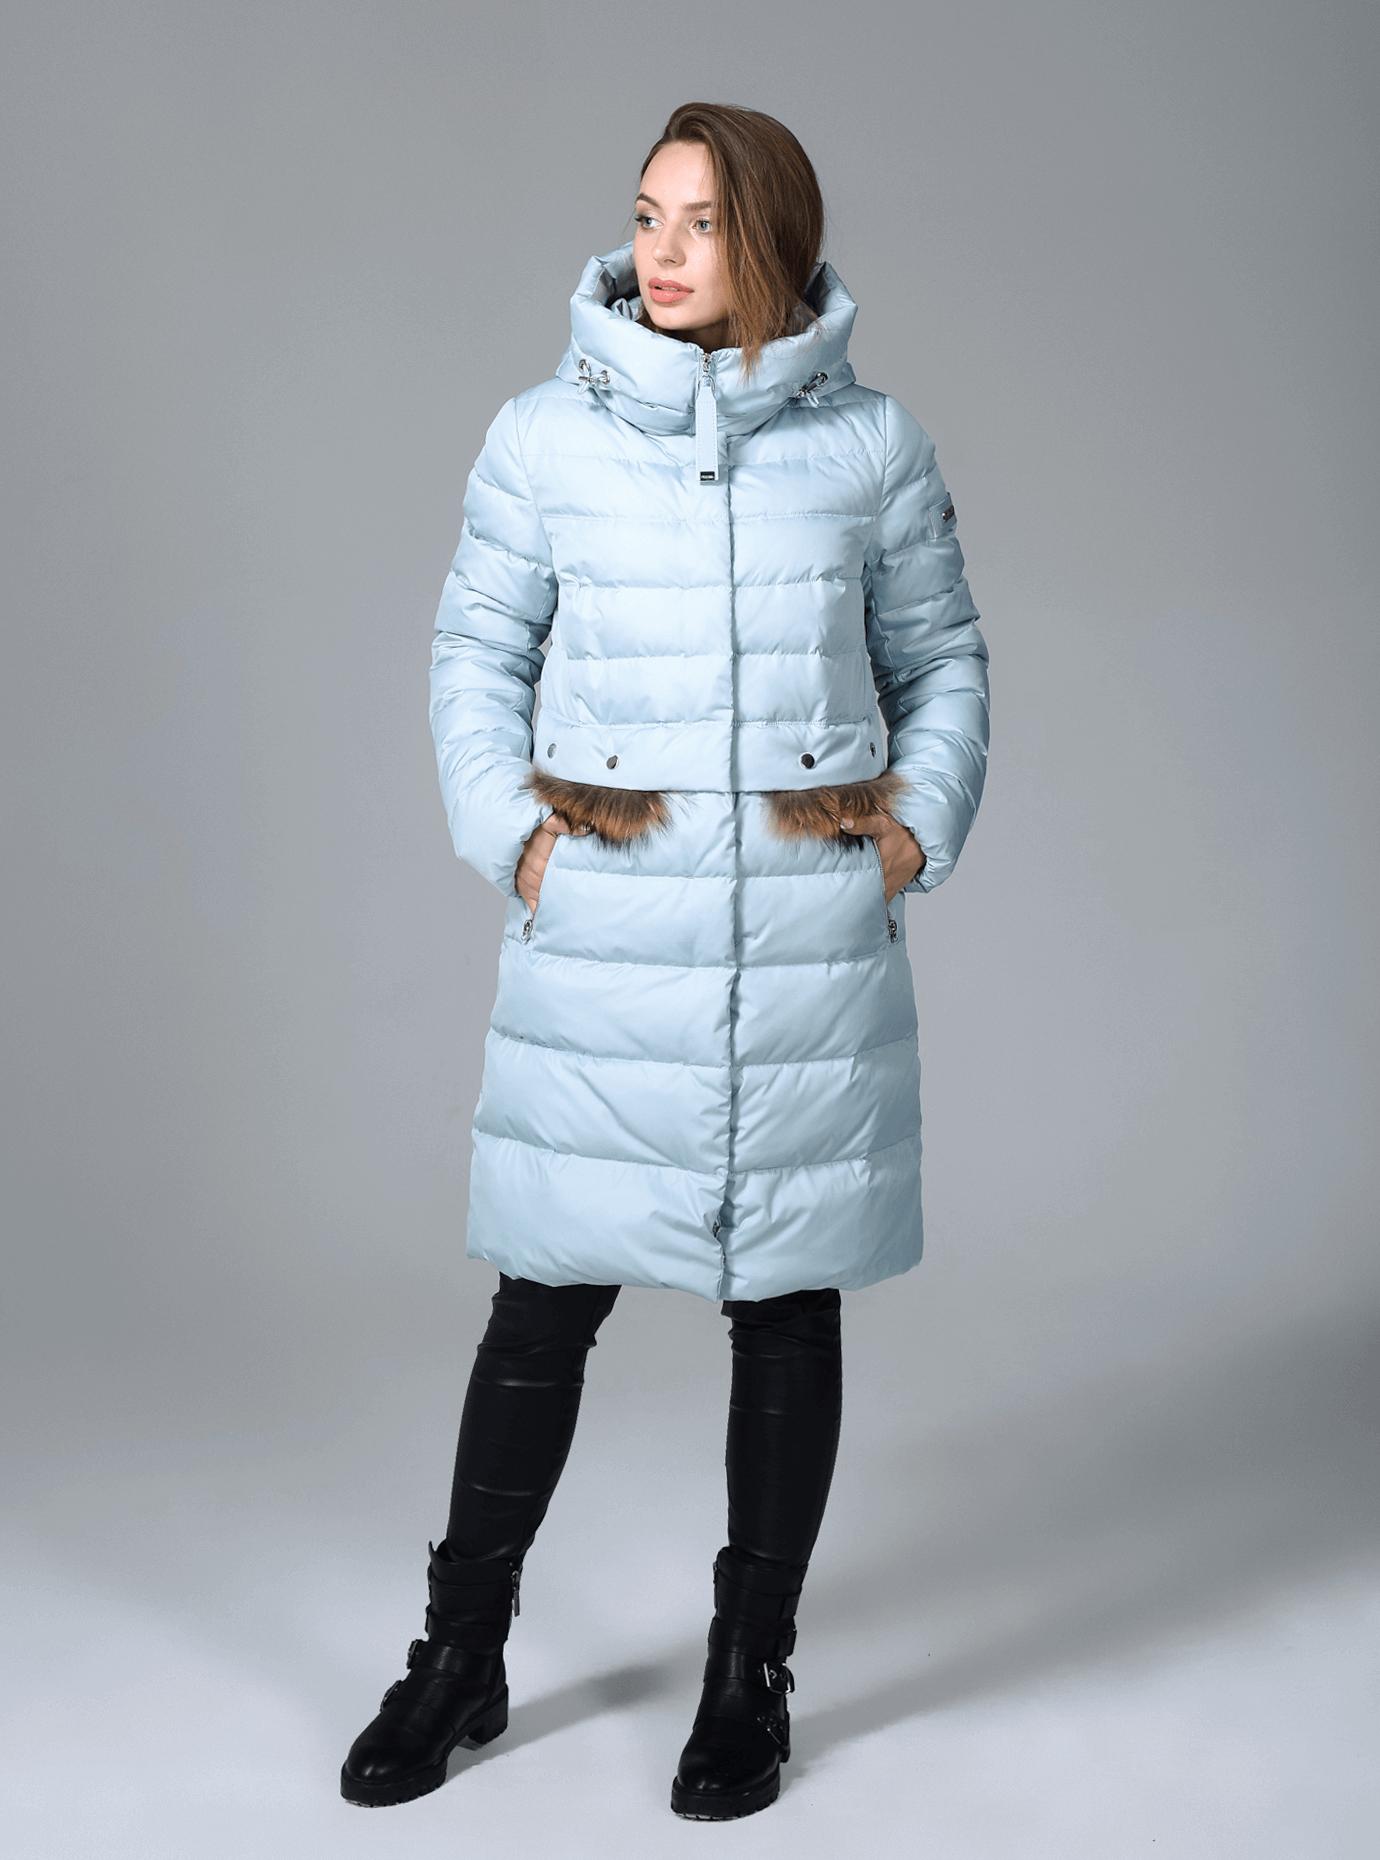 Куртка зимняя женская меховые вставки Чёрный S (02-CR170339): фото - Alster.ua